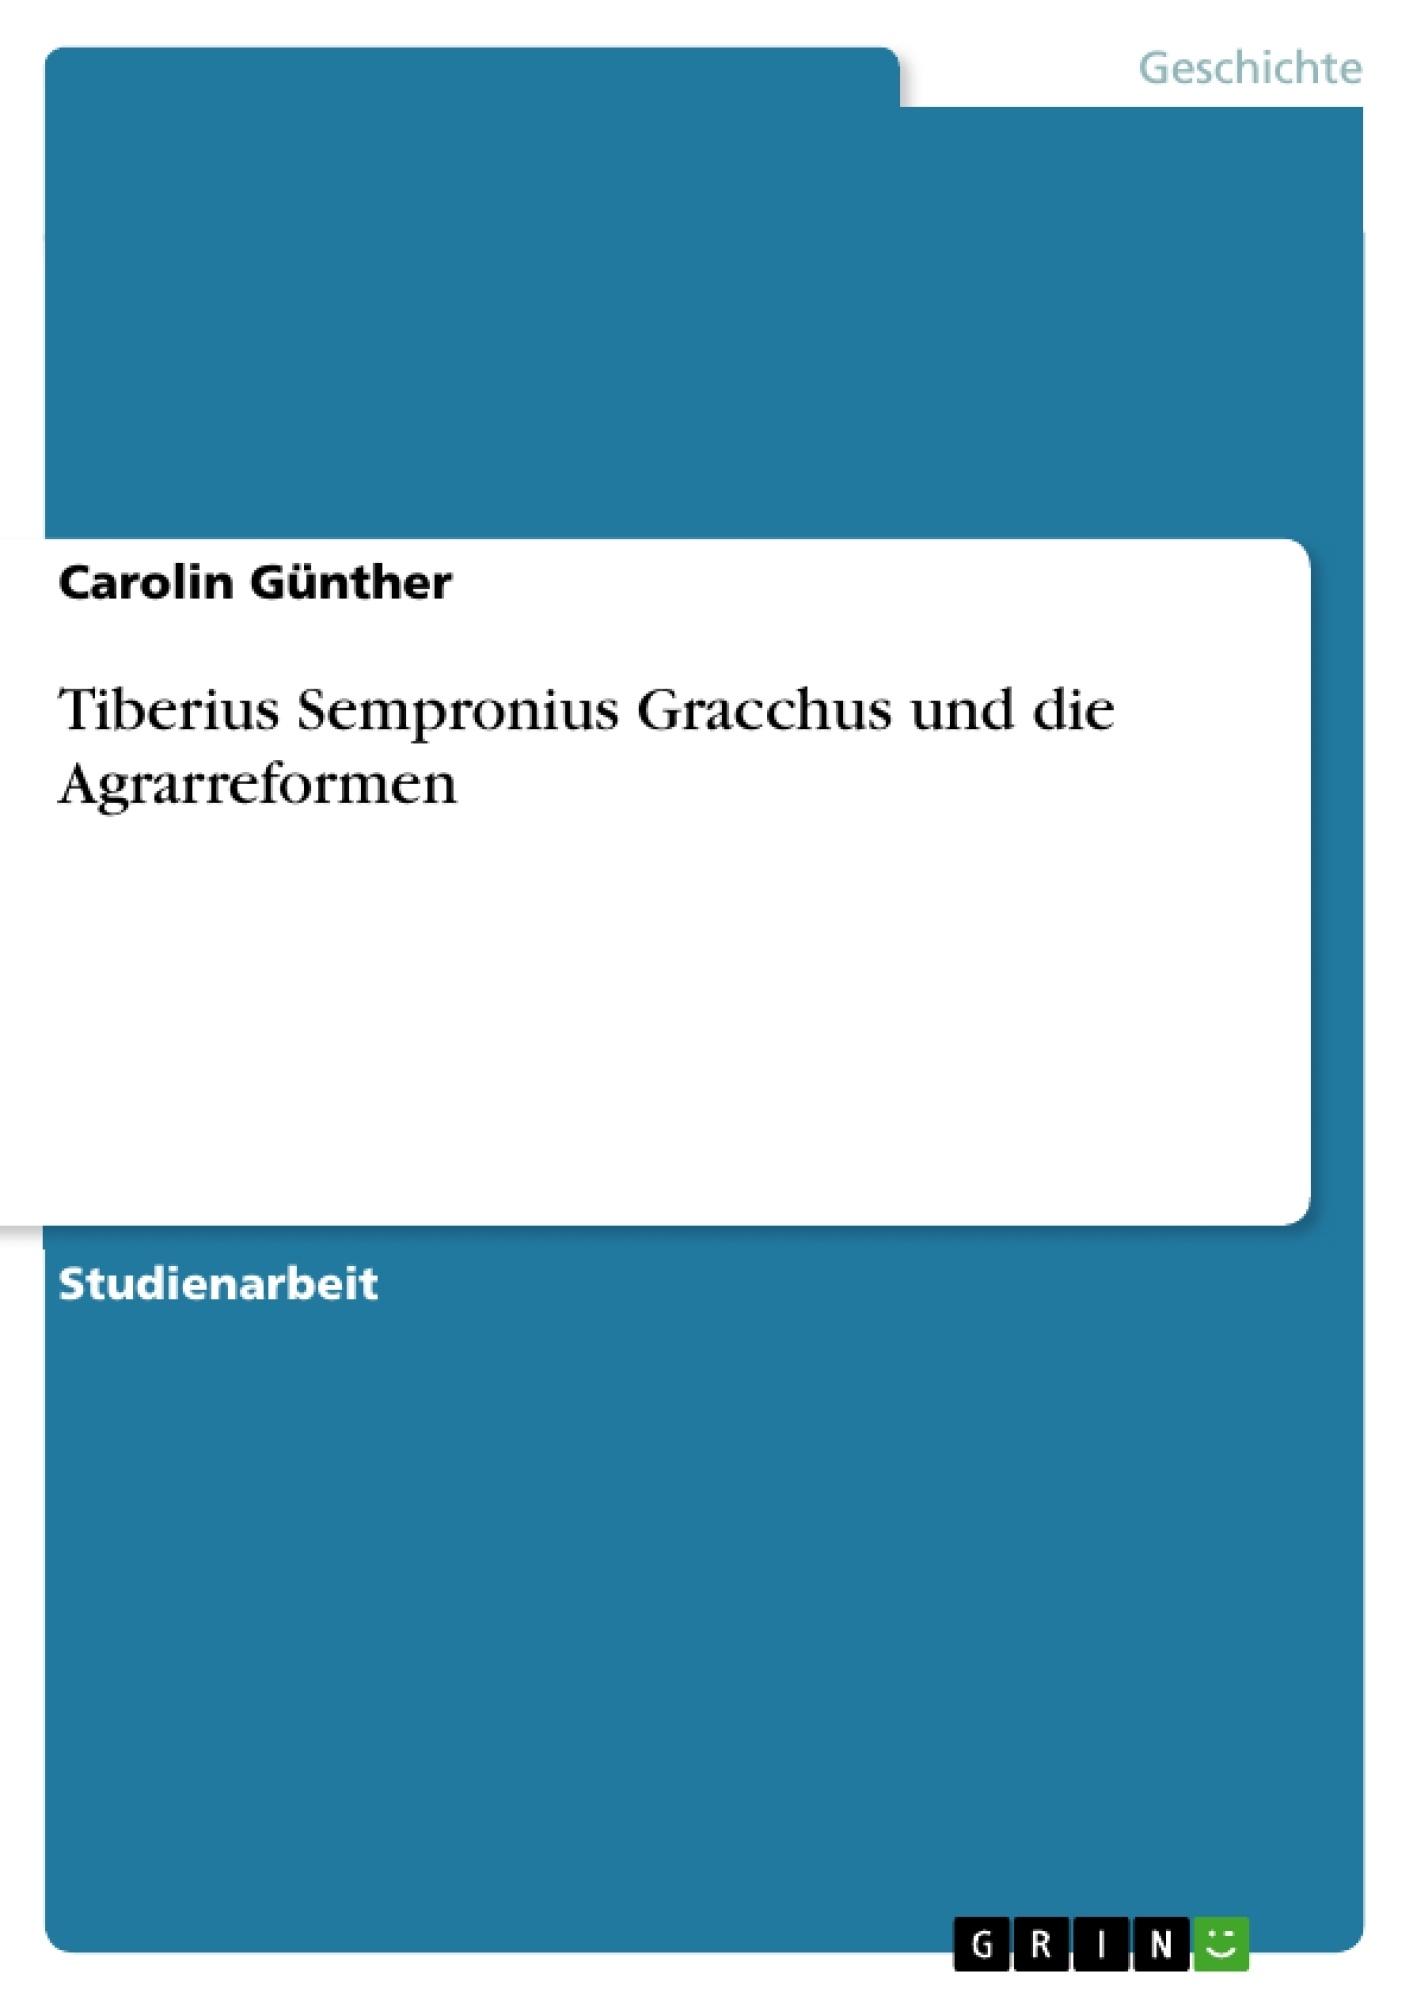 Titel: Tiberius Sempronius Gracchus und die Agrarreformen